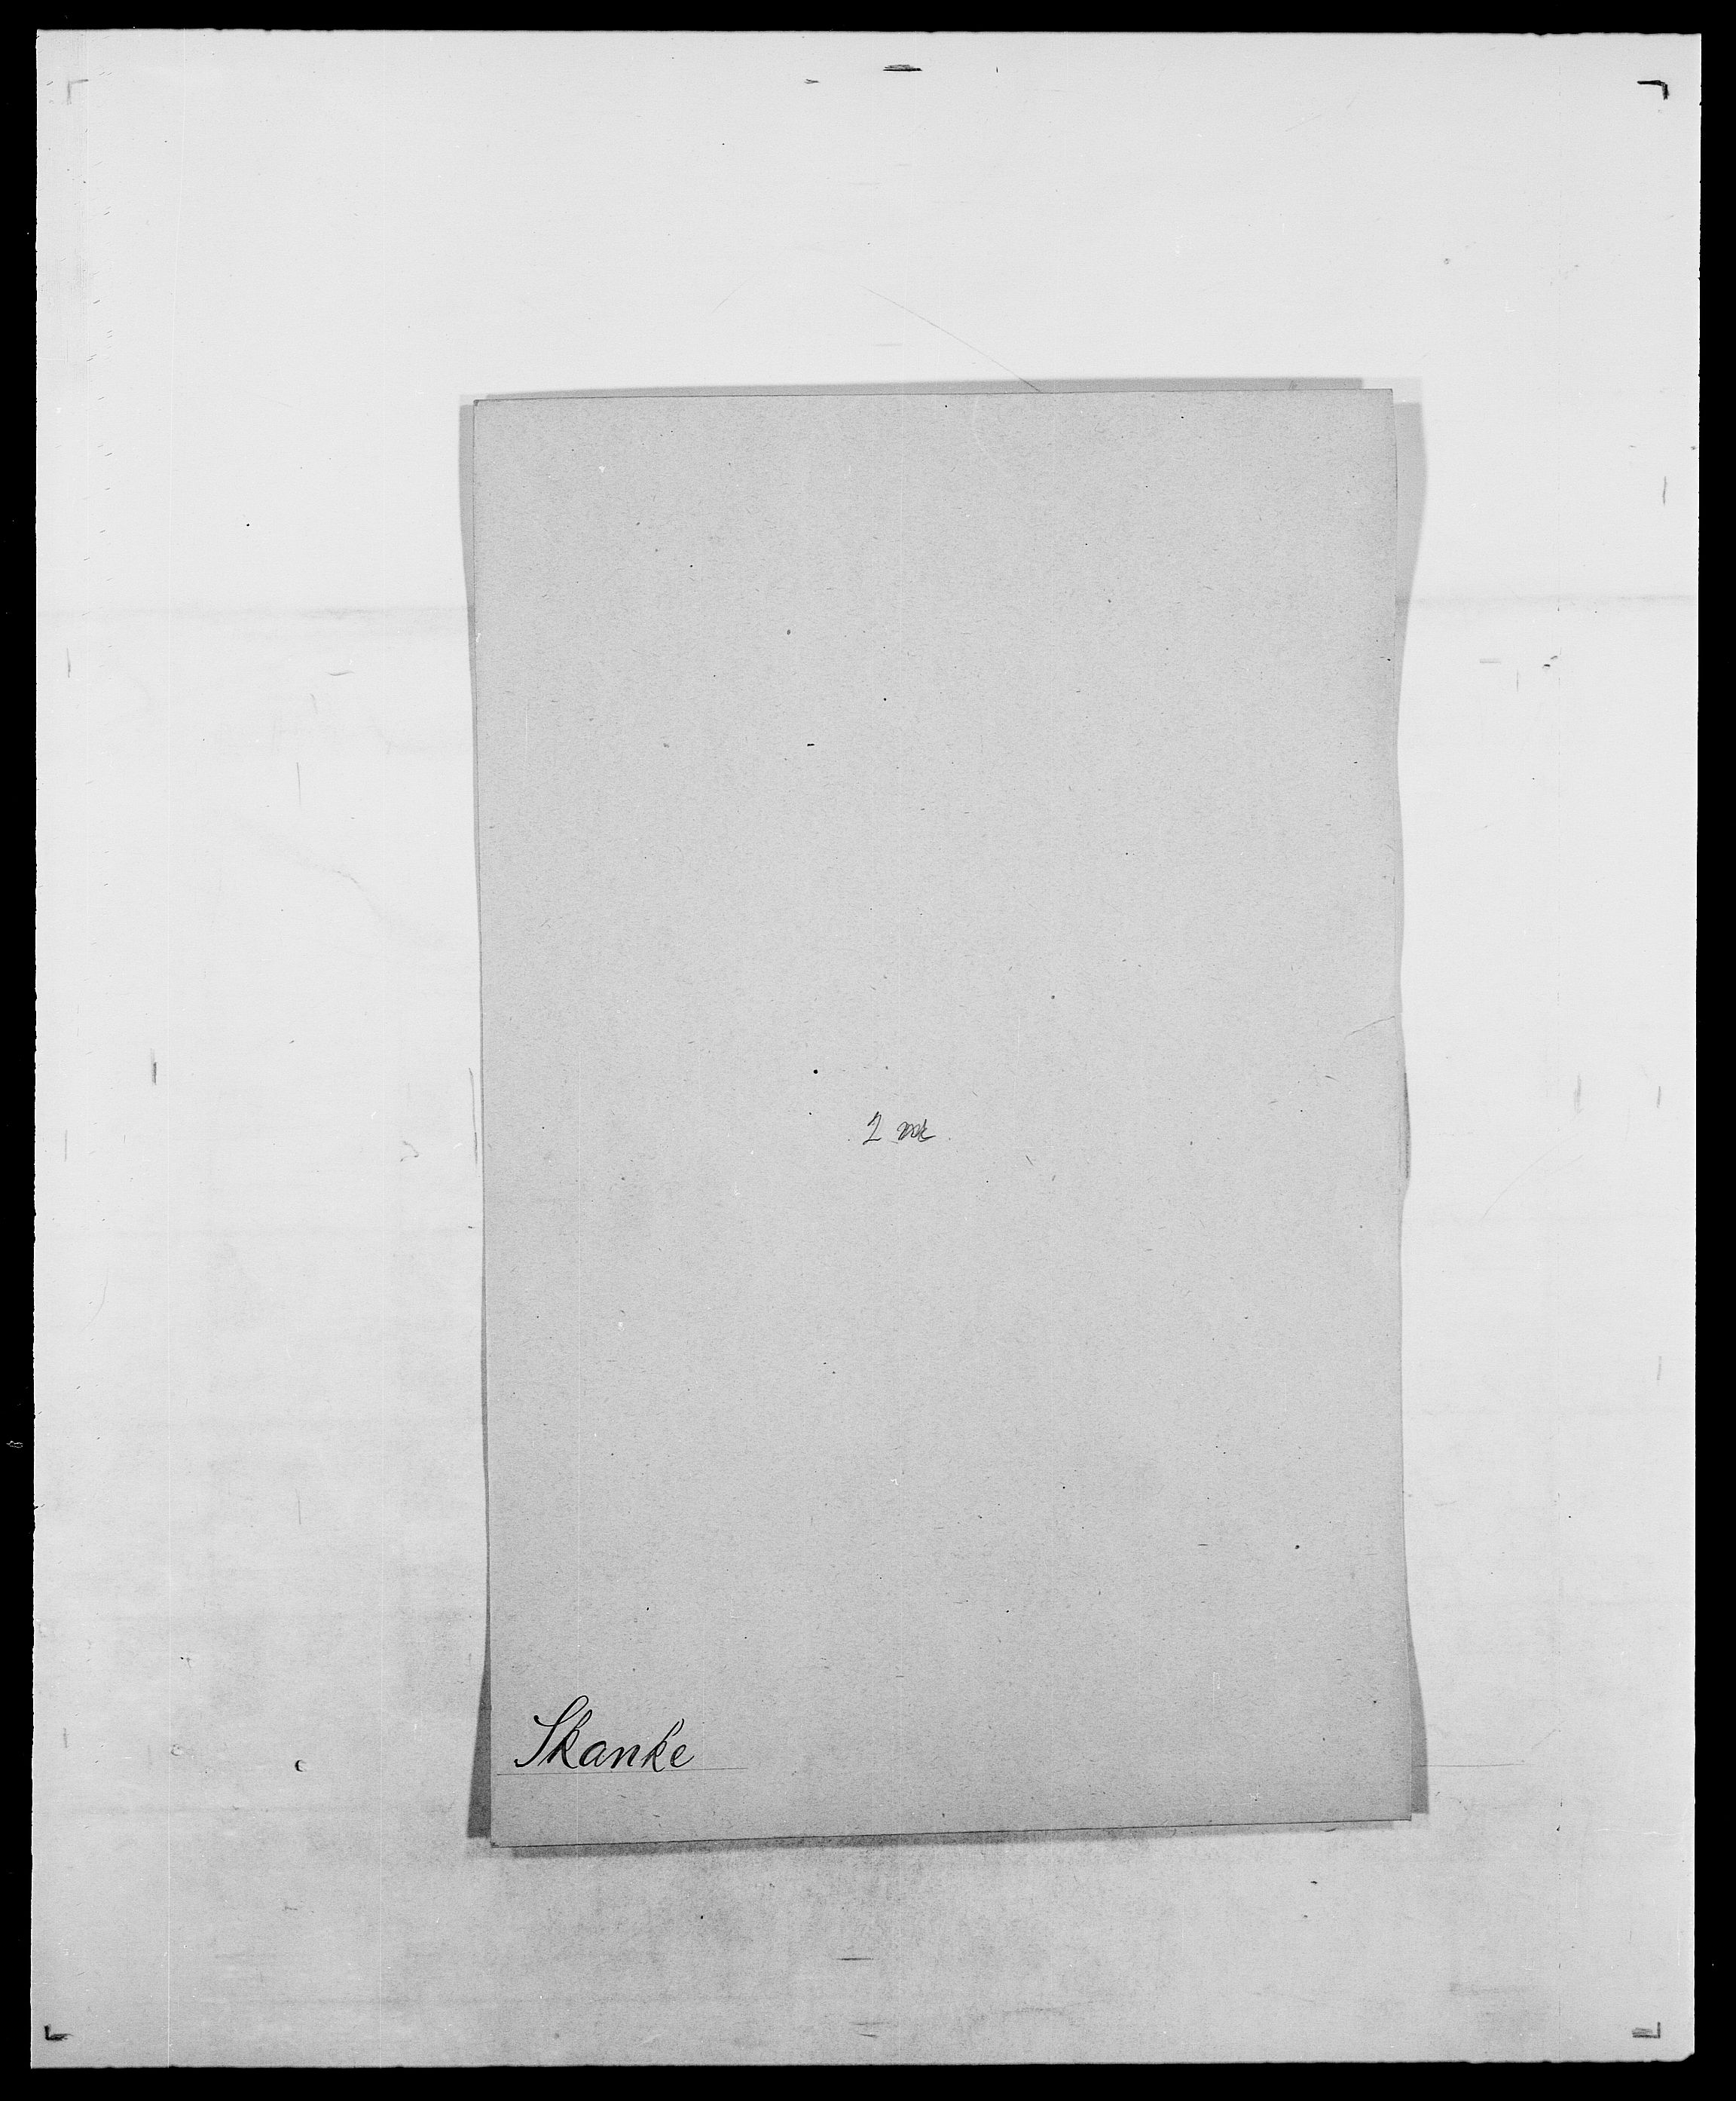 SAO, Delgobe, Charles Antoine - samling, D/Da/L0036: Skaanør - Staverskov, s. 27